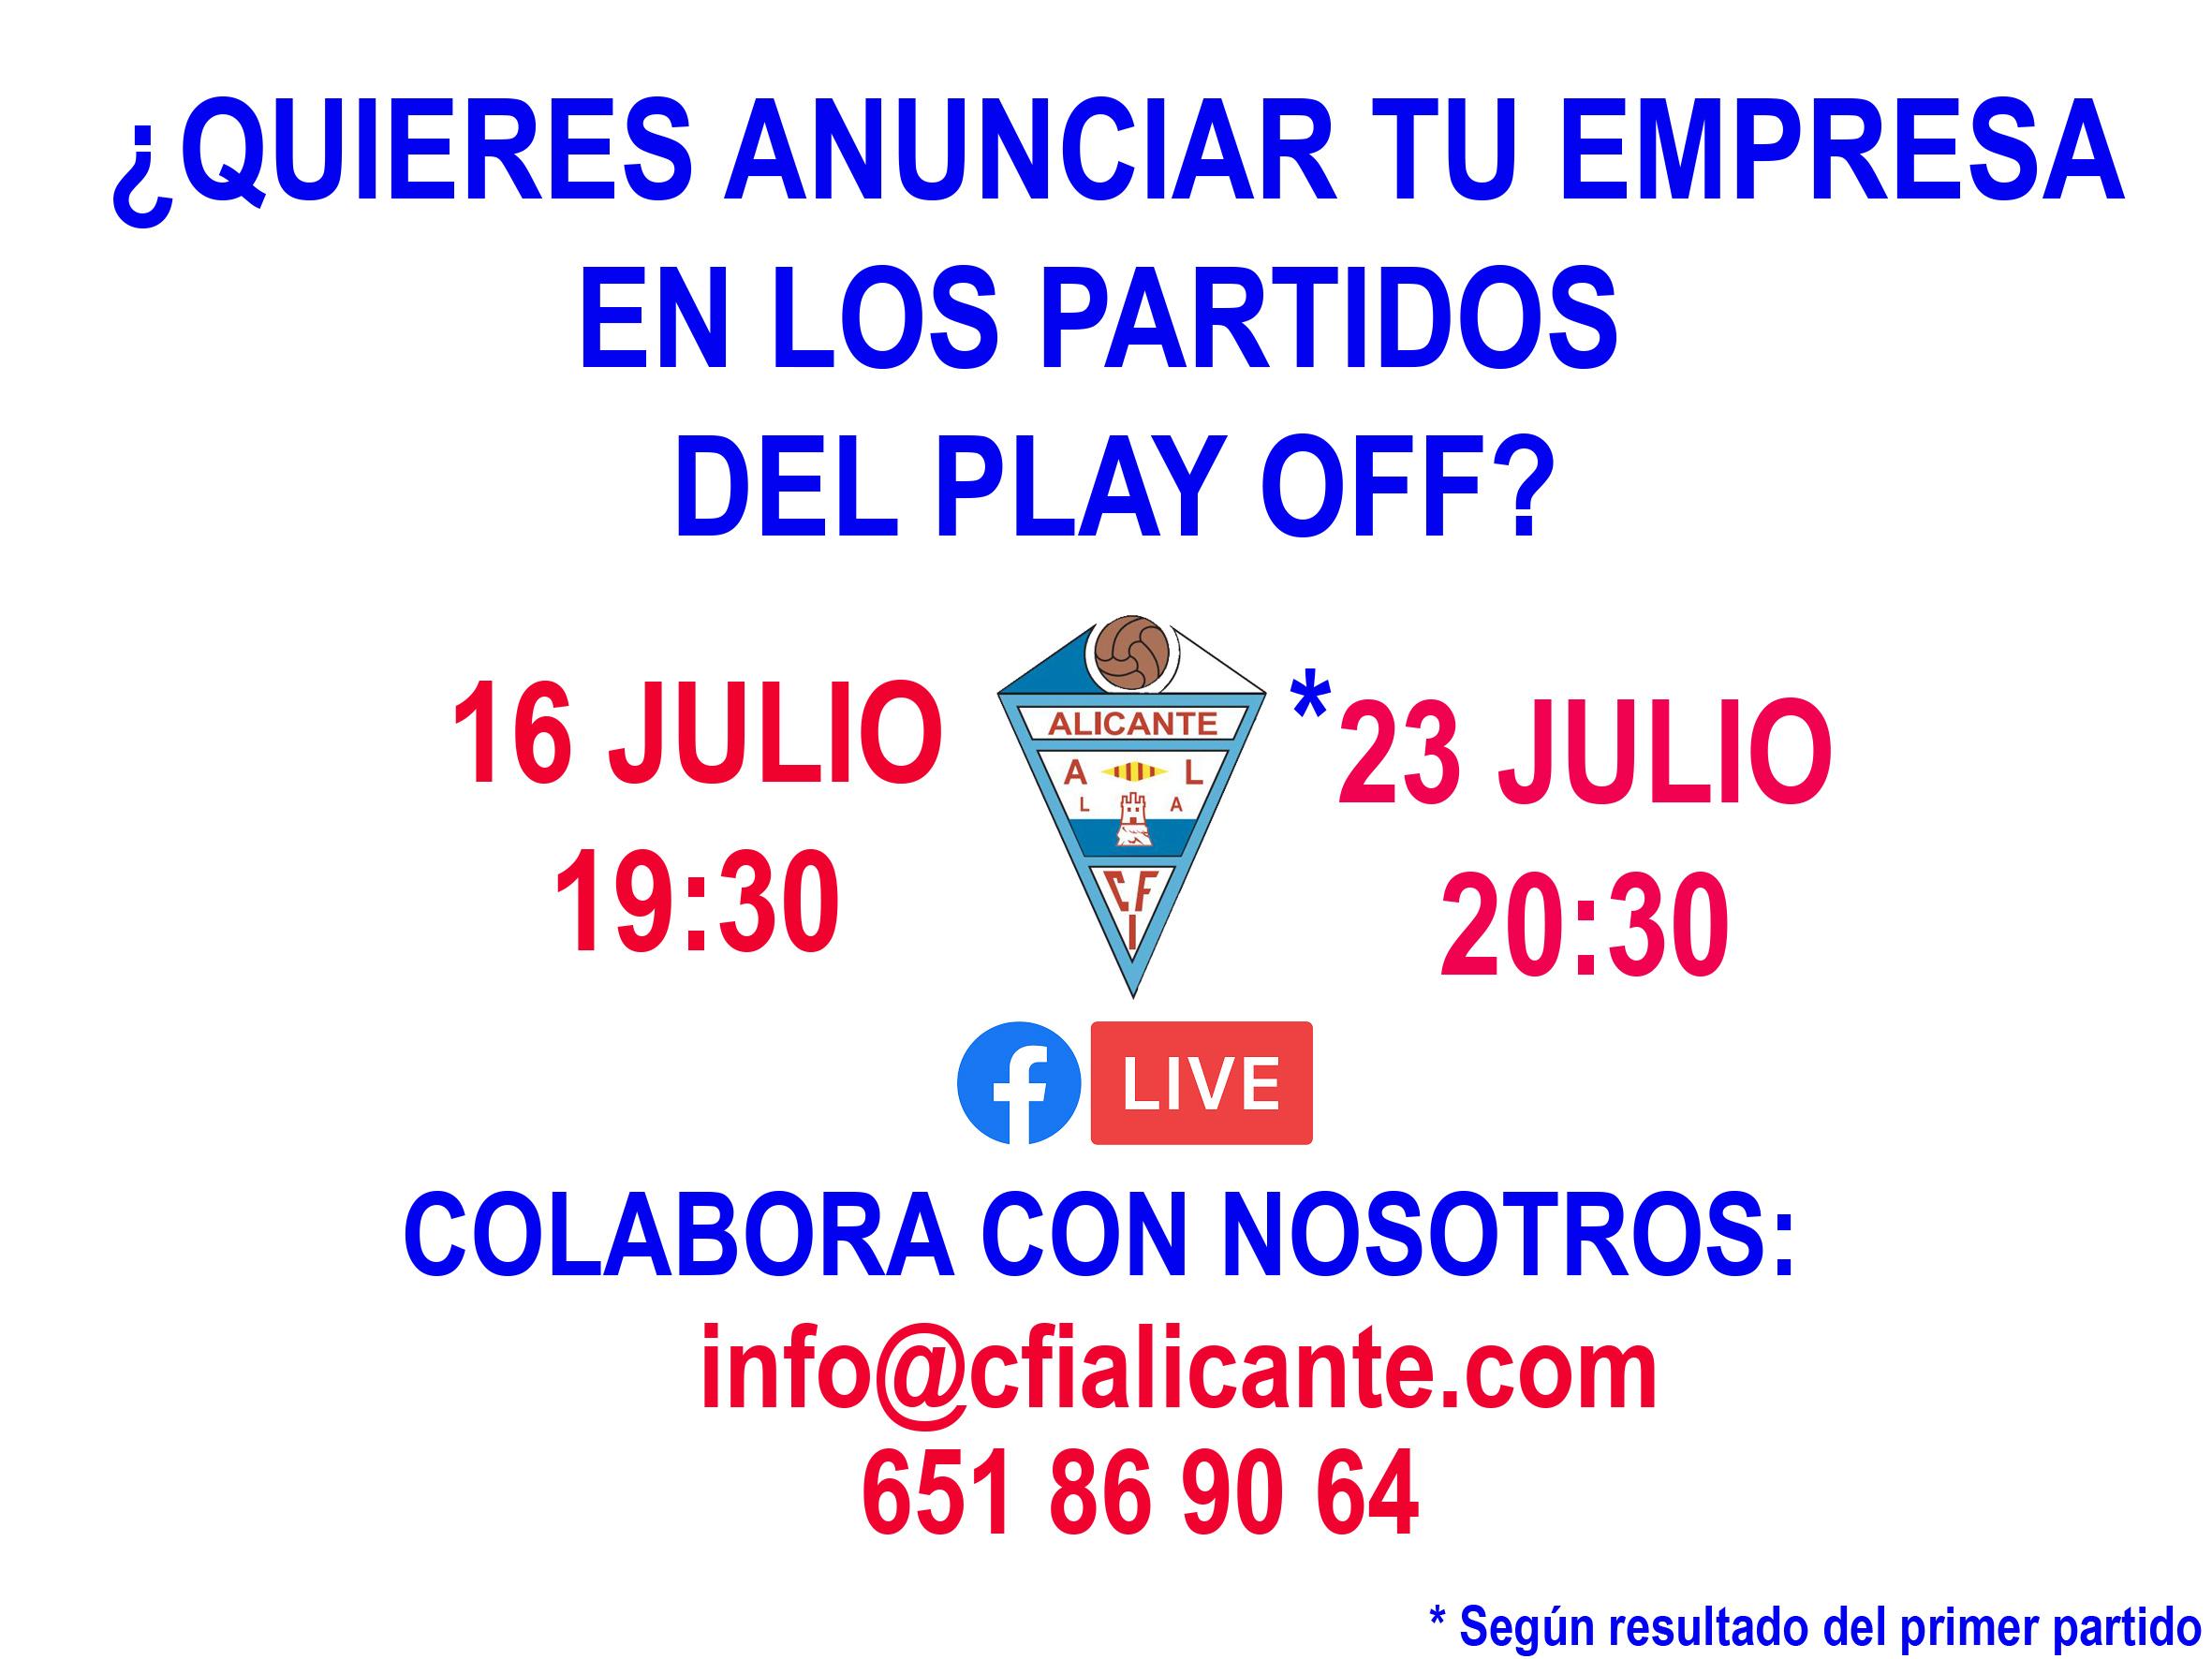 ¡¡ Sigue los partidos del play off en el Facebook del CFI Alicante!!